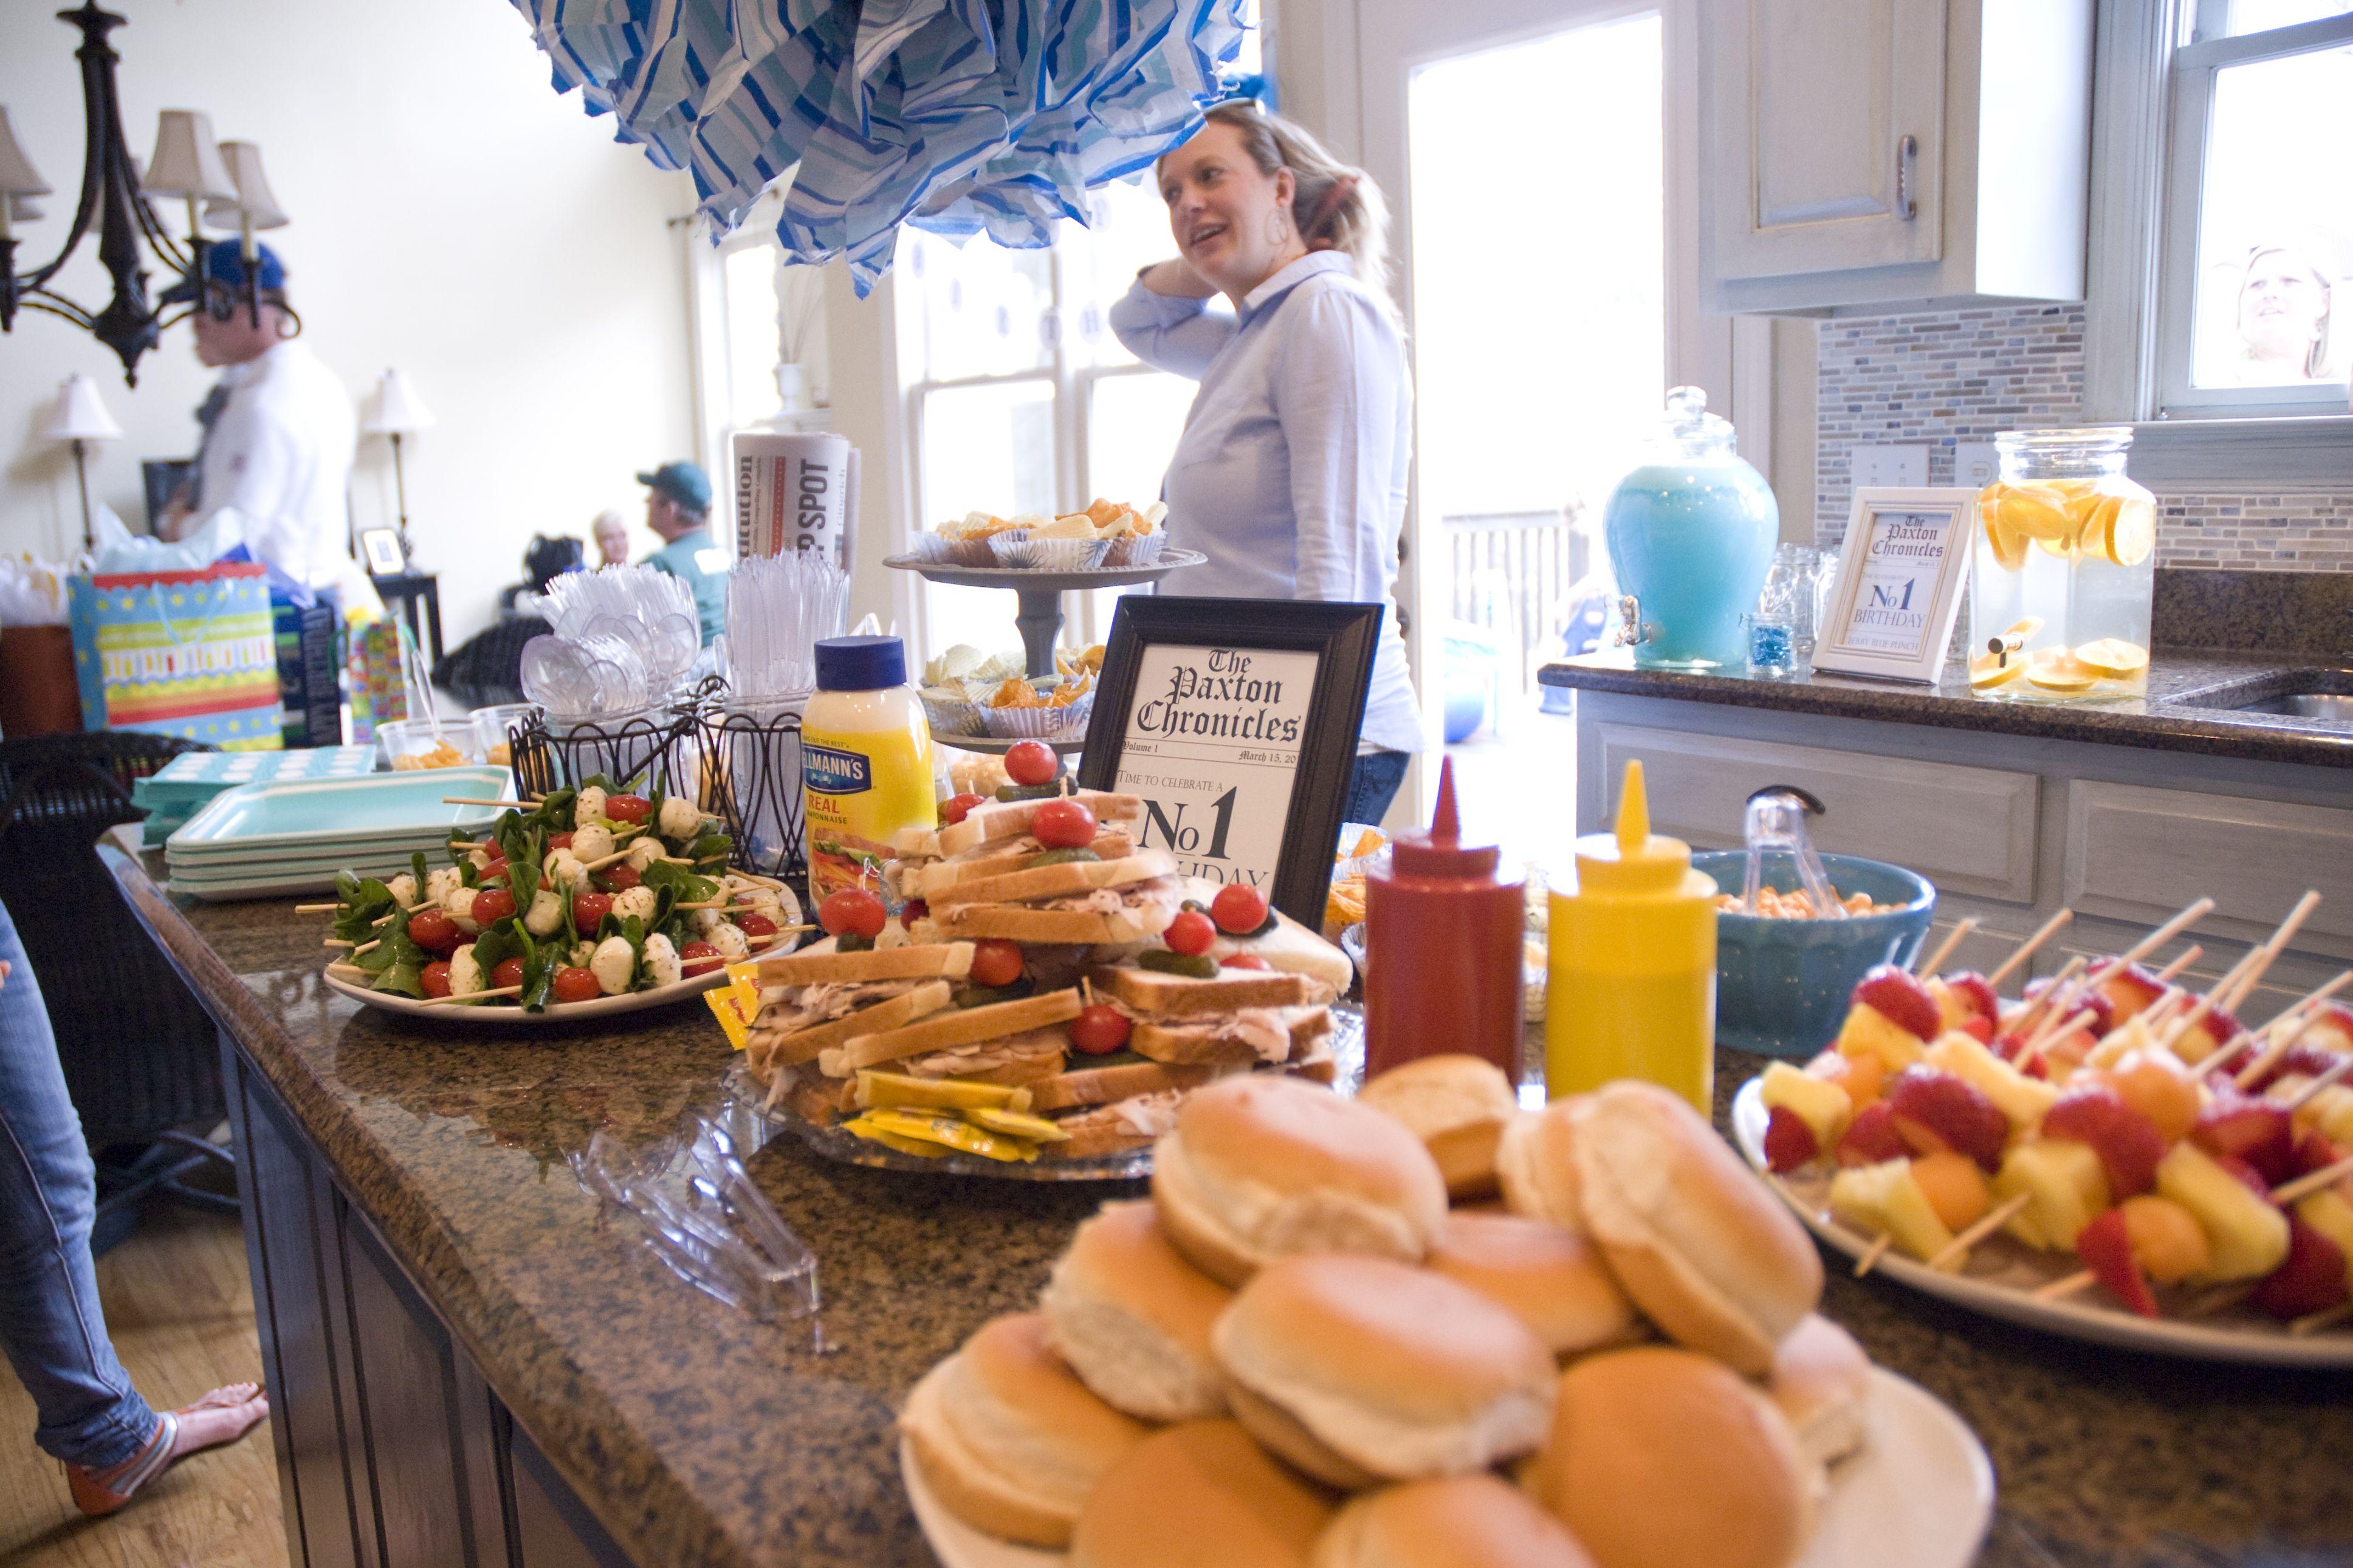 Food bar 1st birthday party adrianna 39 s bday party ideas for Food bar ideas